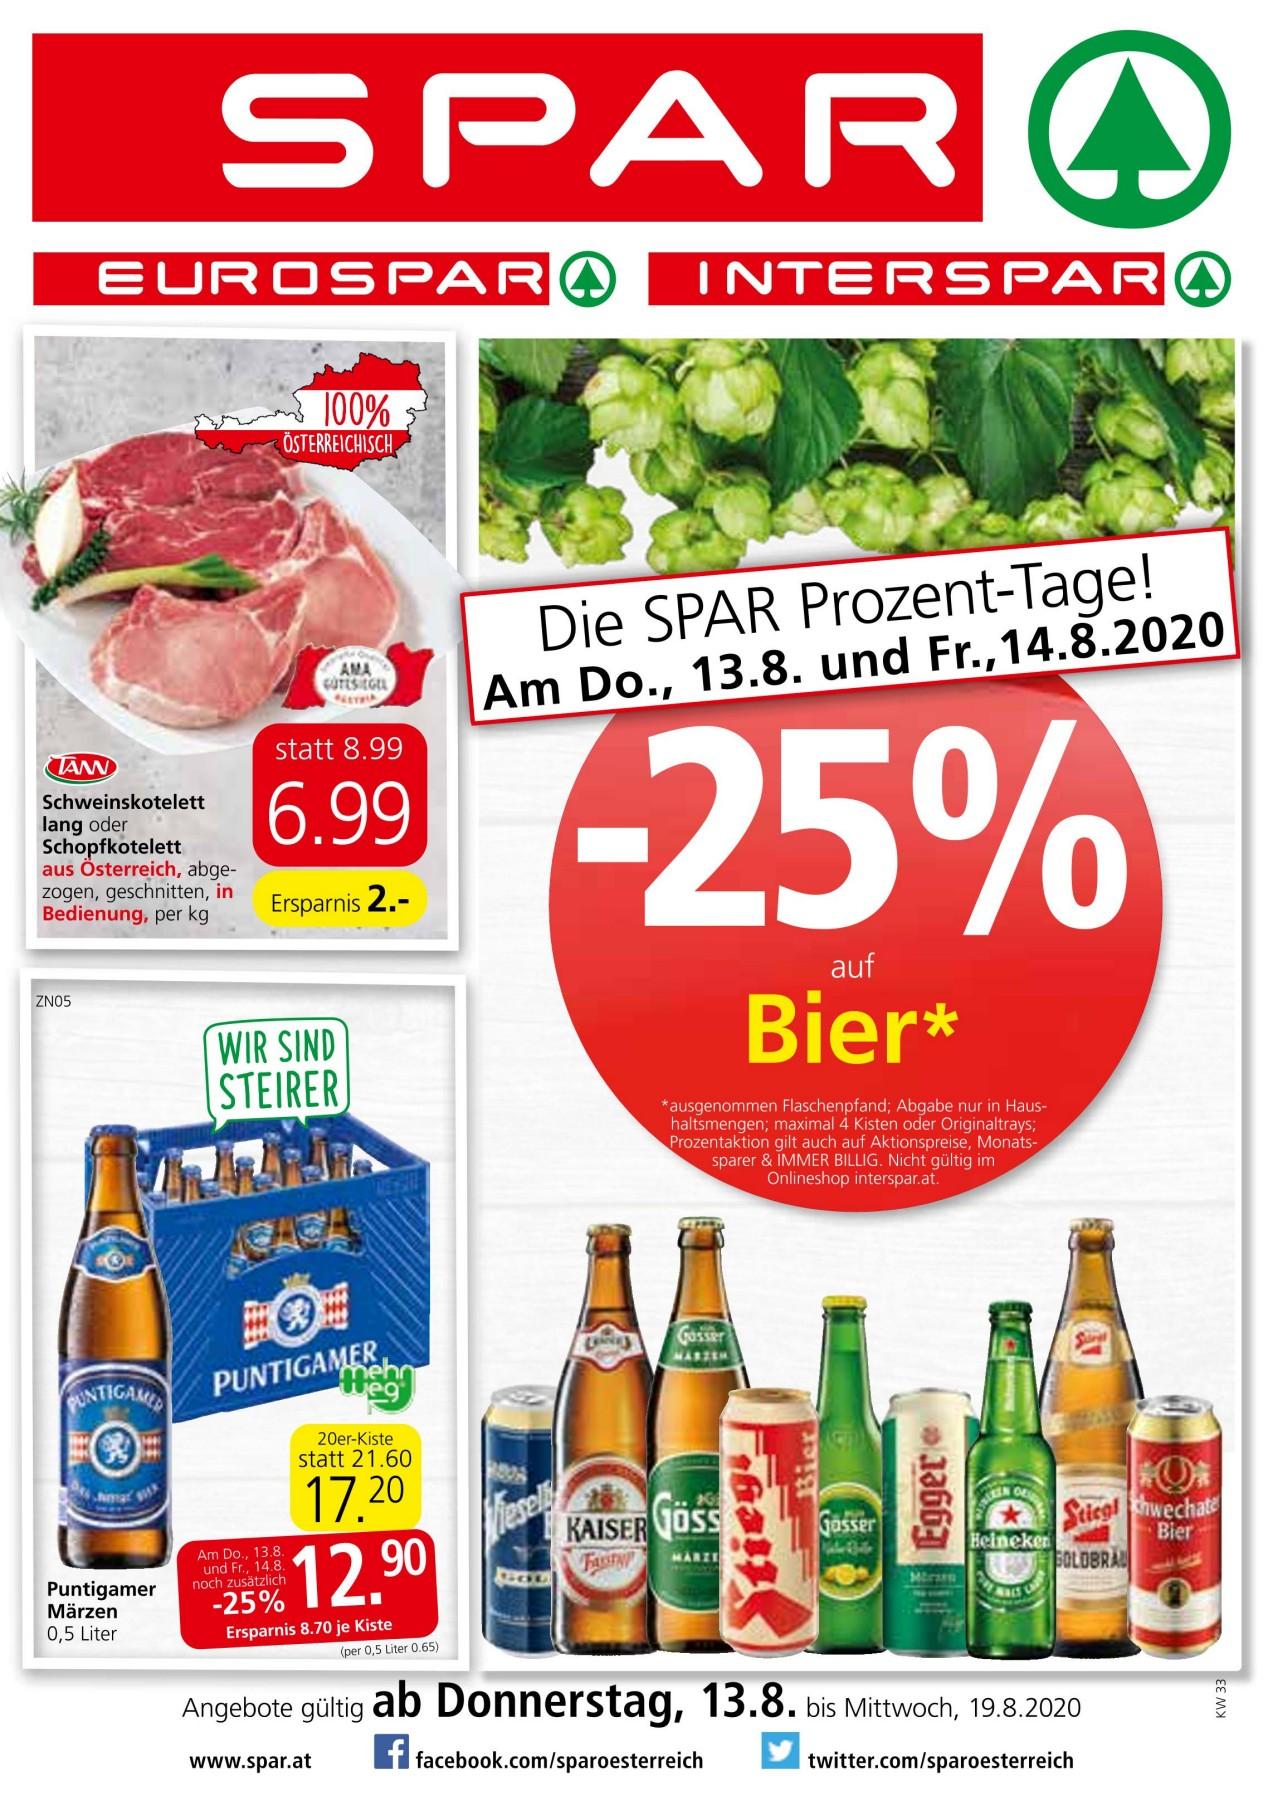 -25% auf Bier bei Spar, Eurospar und Interspar